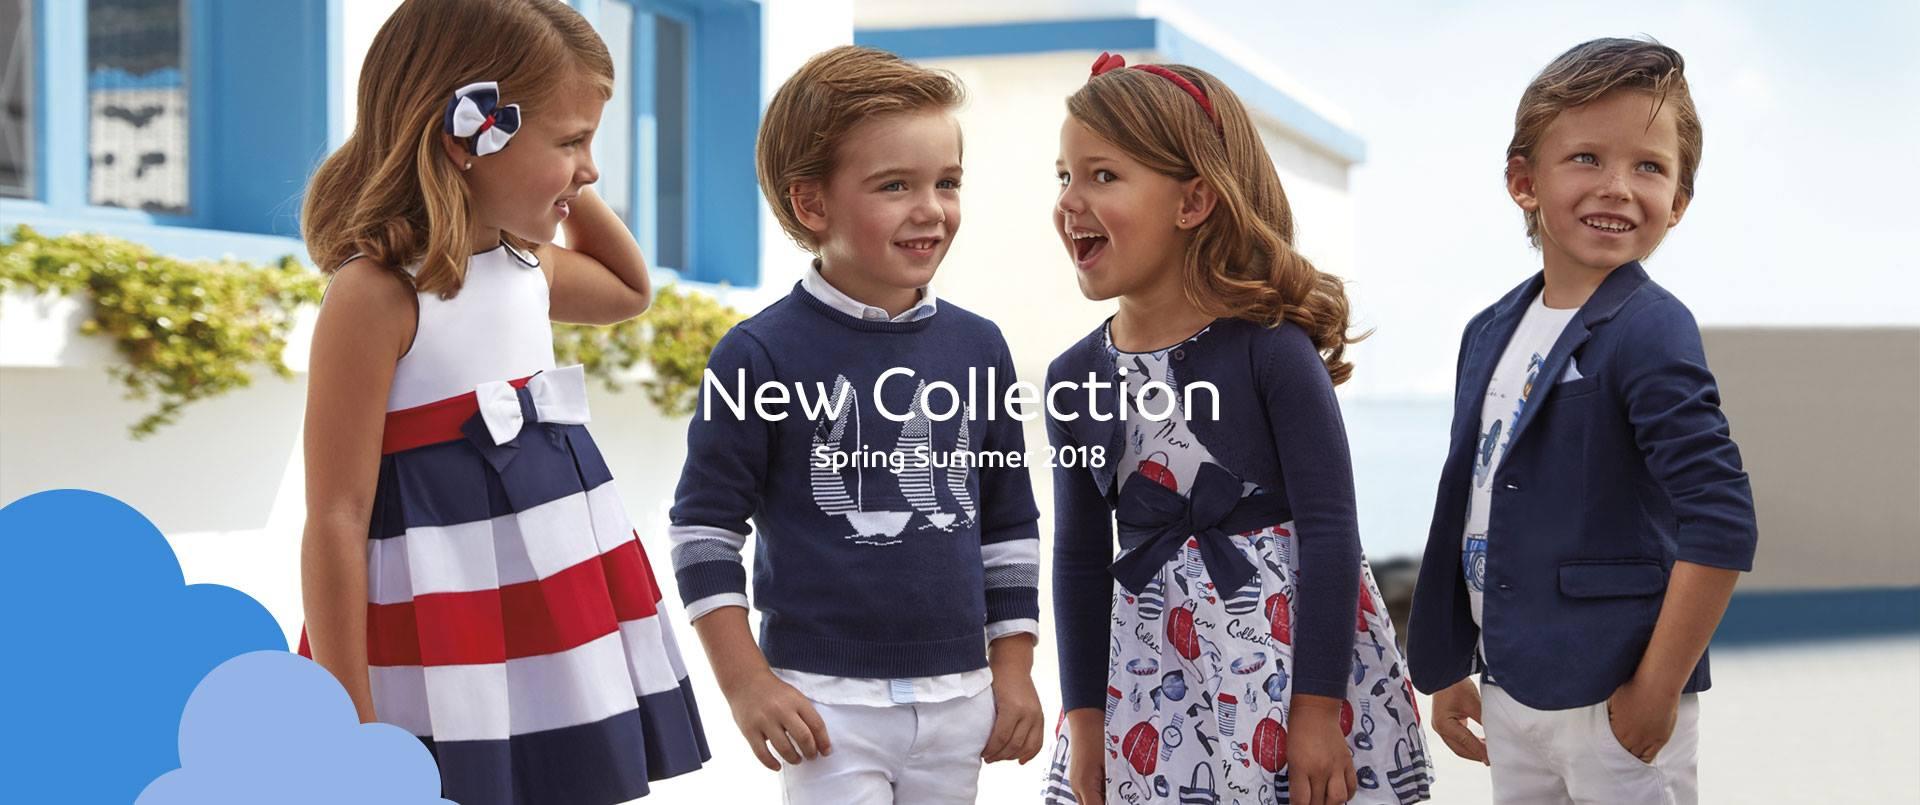 Nowa kolekcja Mayoral dostępna już w sklepach Smykoland. Ubrania dla dzieci w kazdym wieku od niemowlaków po 9 letnie dzieci. Najnowsza kolekcja wiosna/lato 2018 już w sprzedaży.